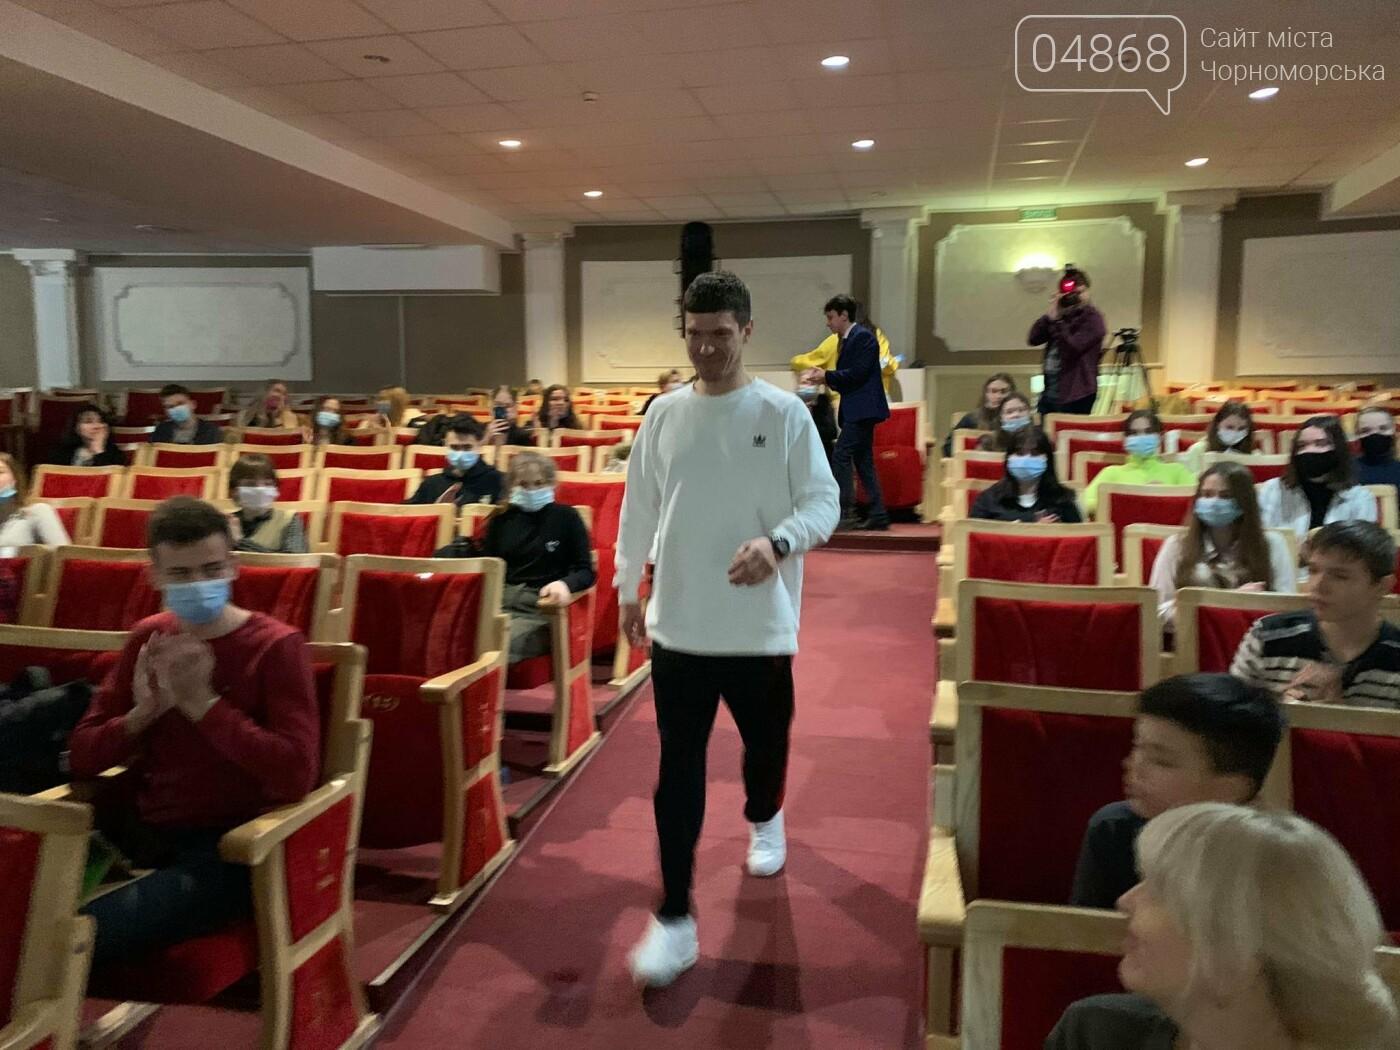 О жизни, о спорте и многом другом: Игорь Кузьменко ответил на вопросы юных лидеров (видео), фото-5